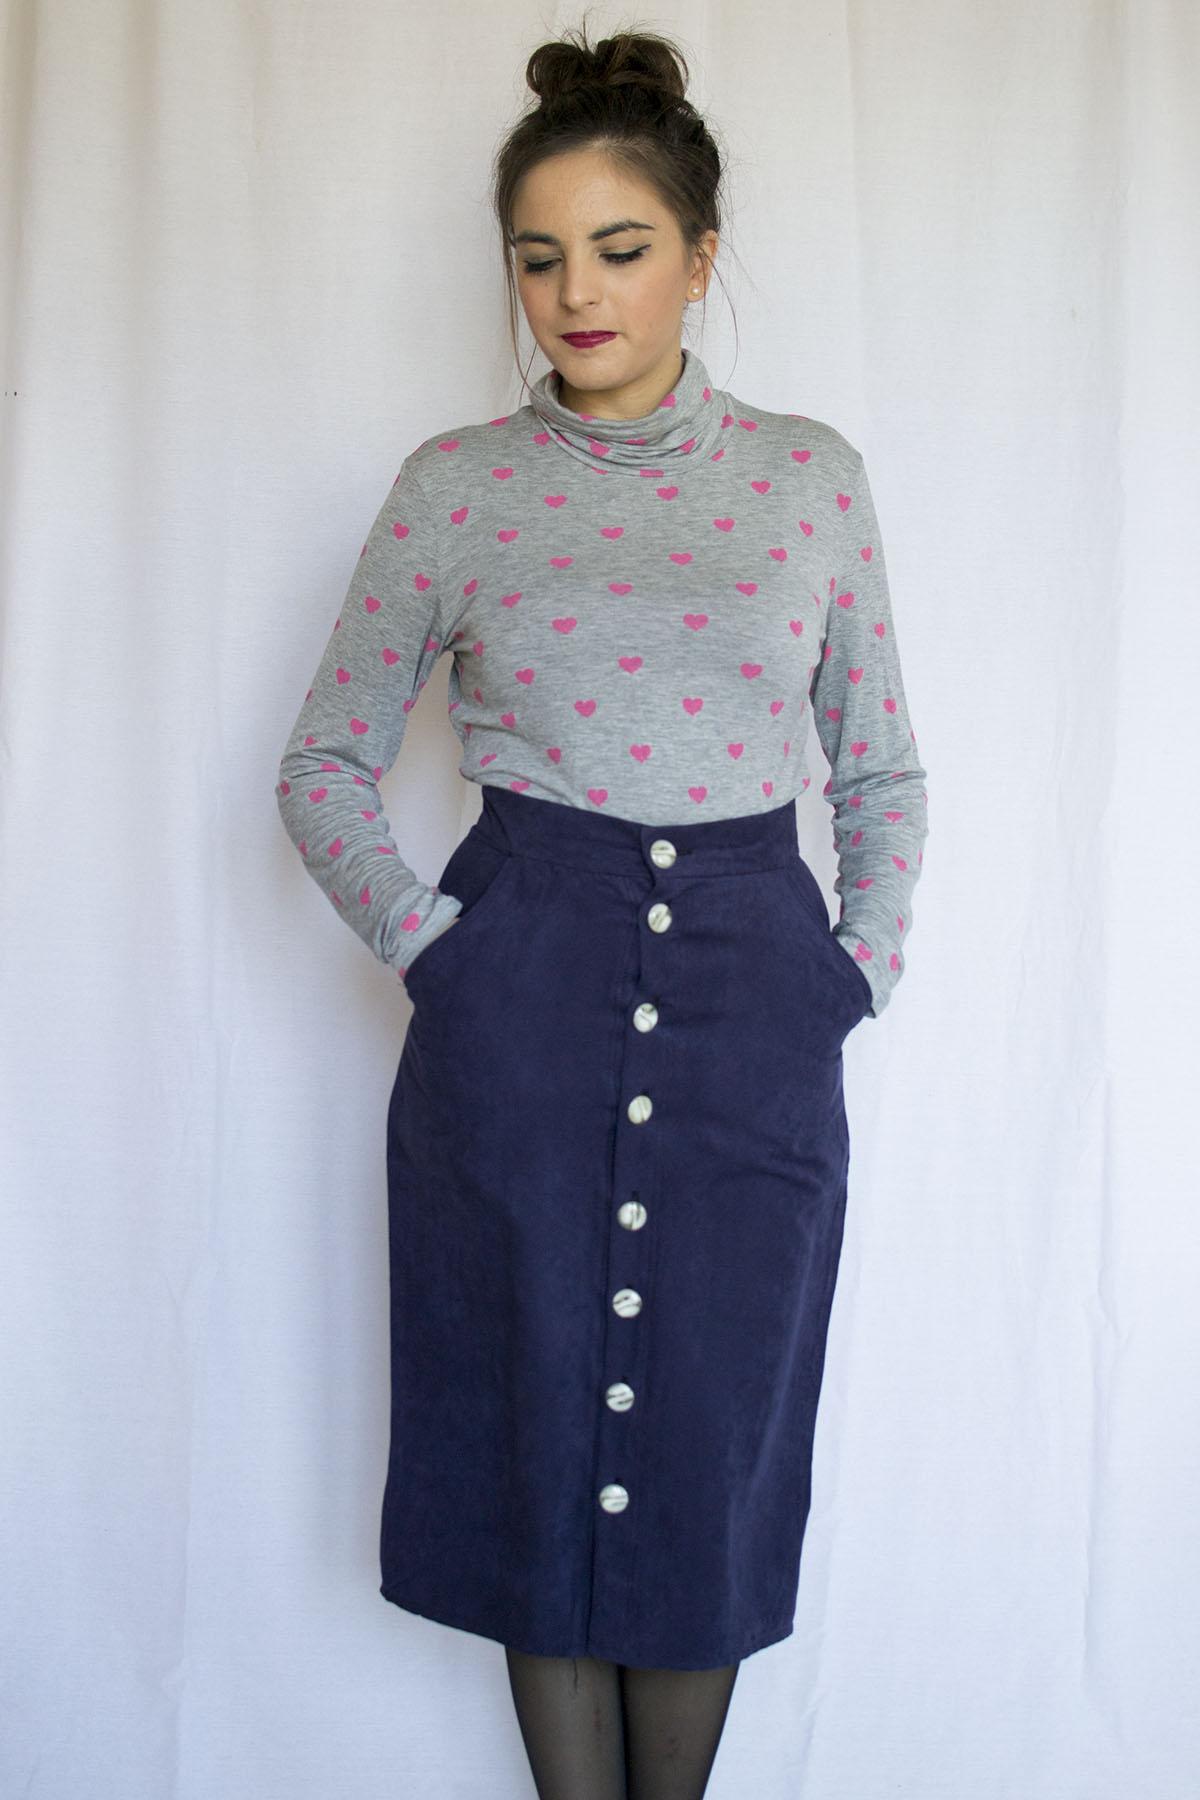 Sew Over It Erin Skirt